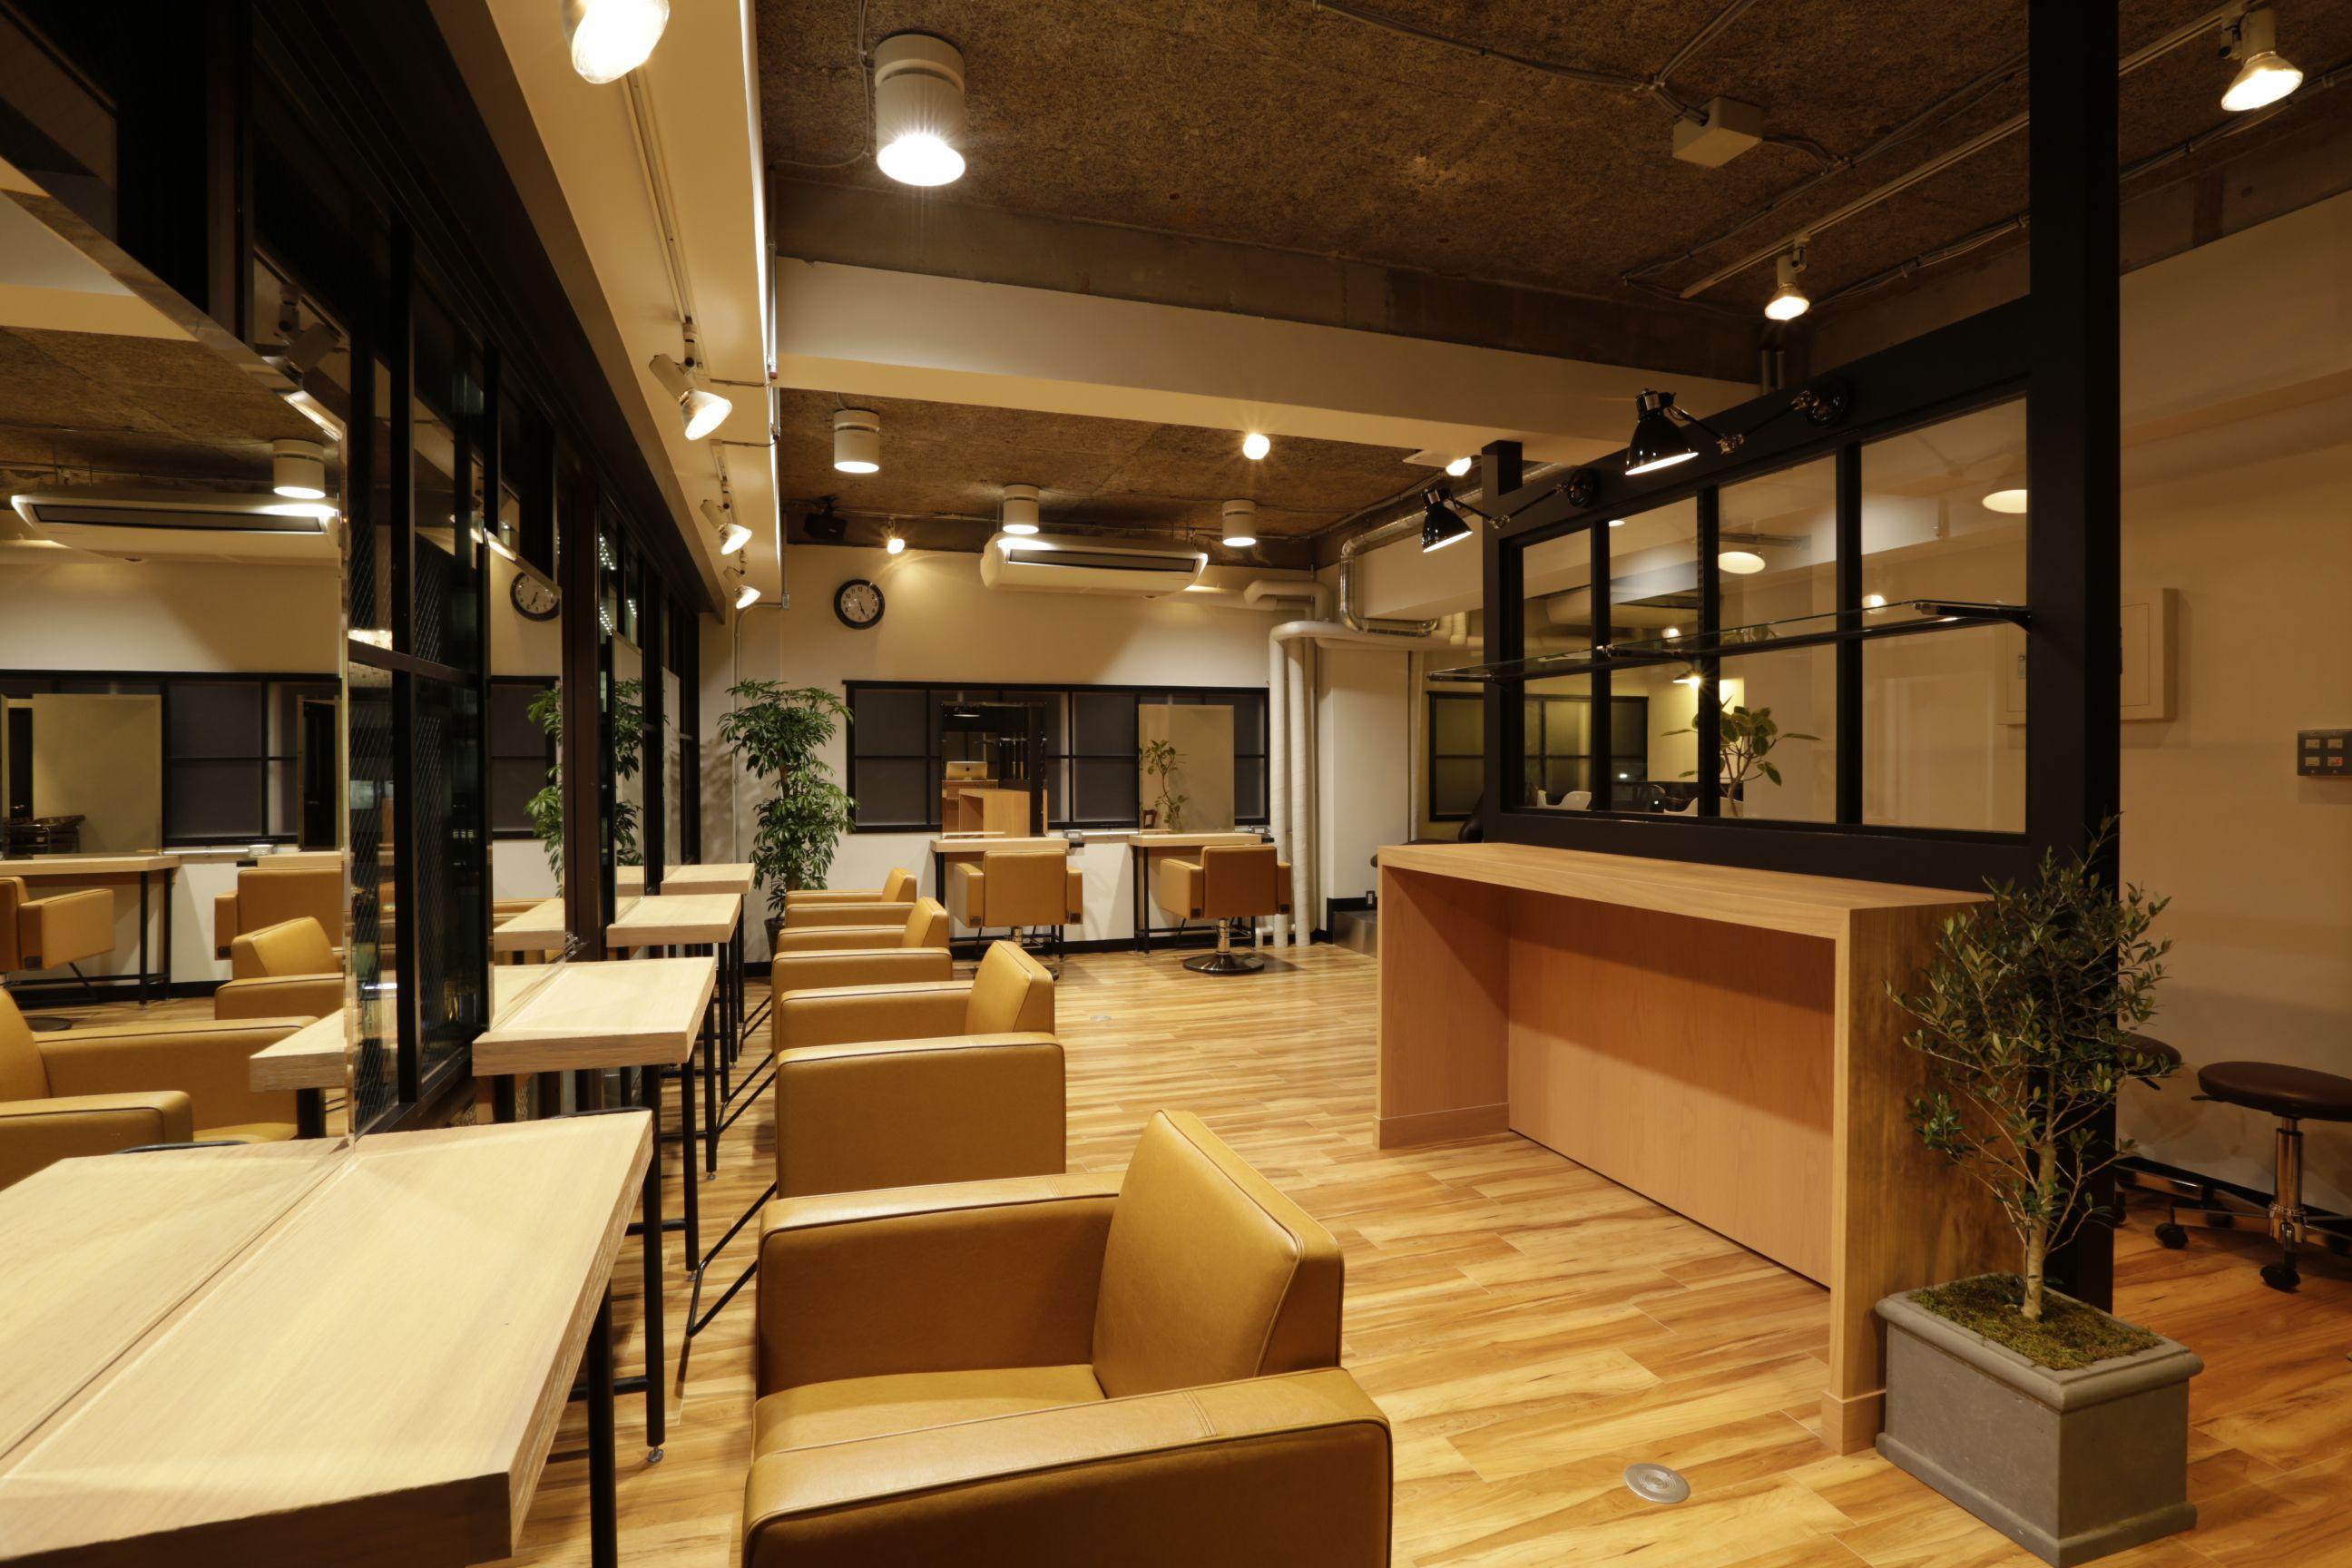 hair salon interior design ideas | Brokeasshome.com